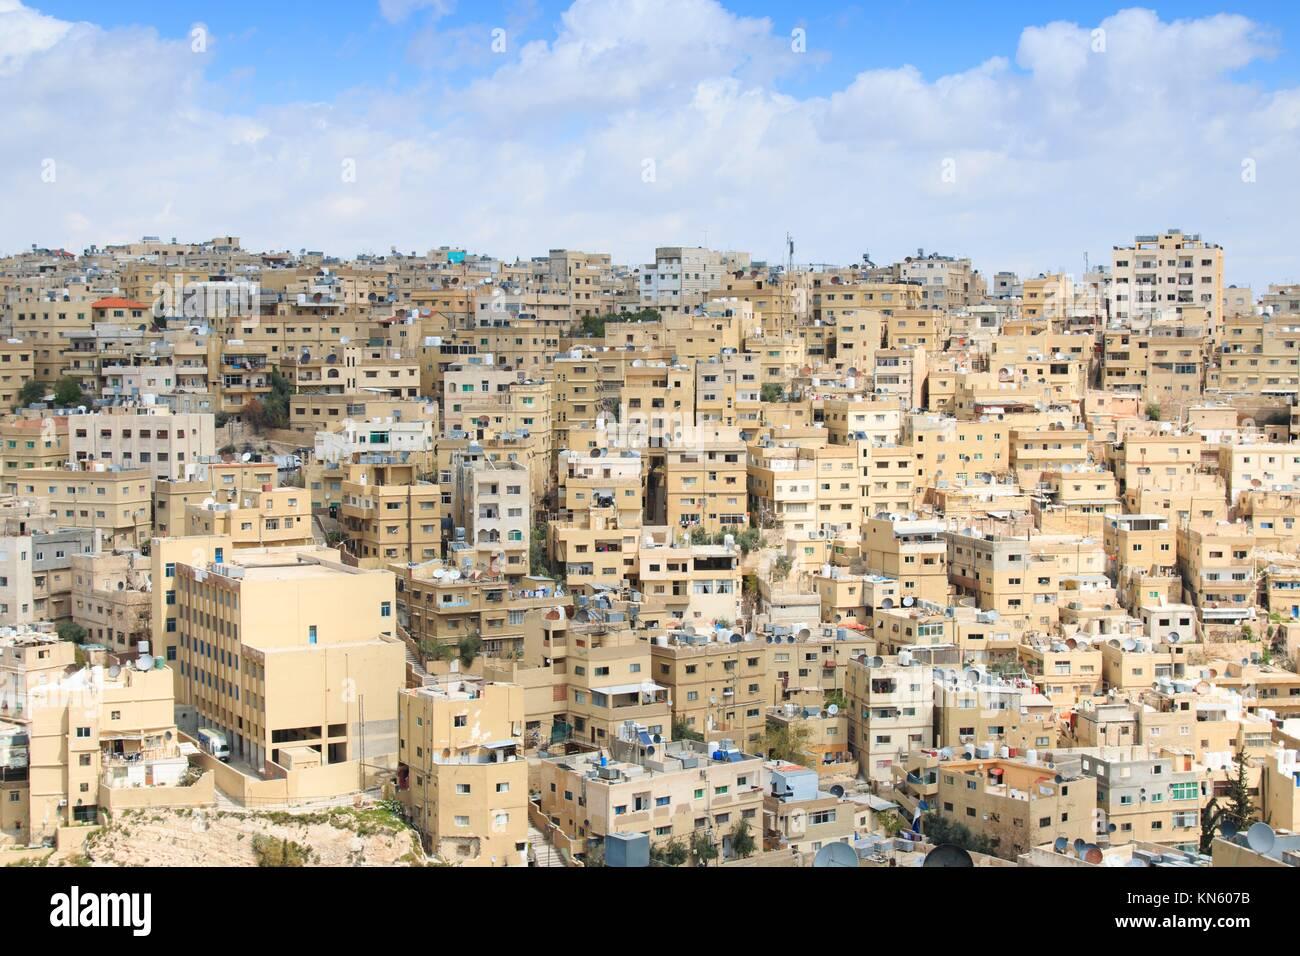 Amman, Jordanie: vue panoramique de Amman à partir de l'une des collines alantours la ville. Photo Stock